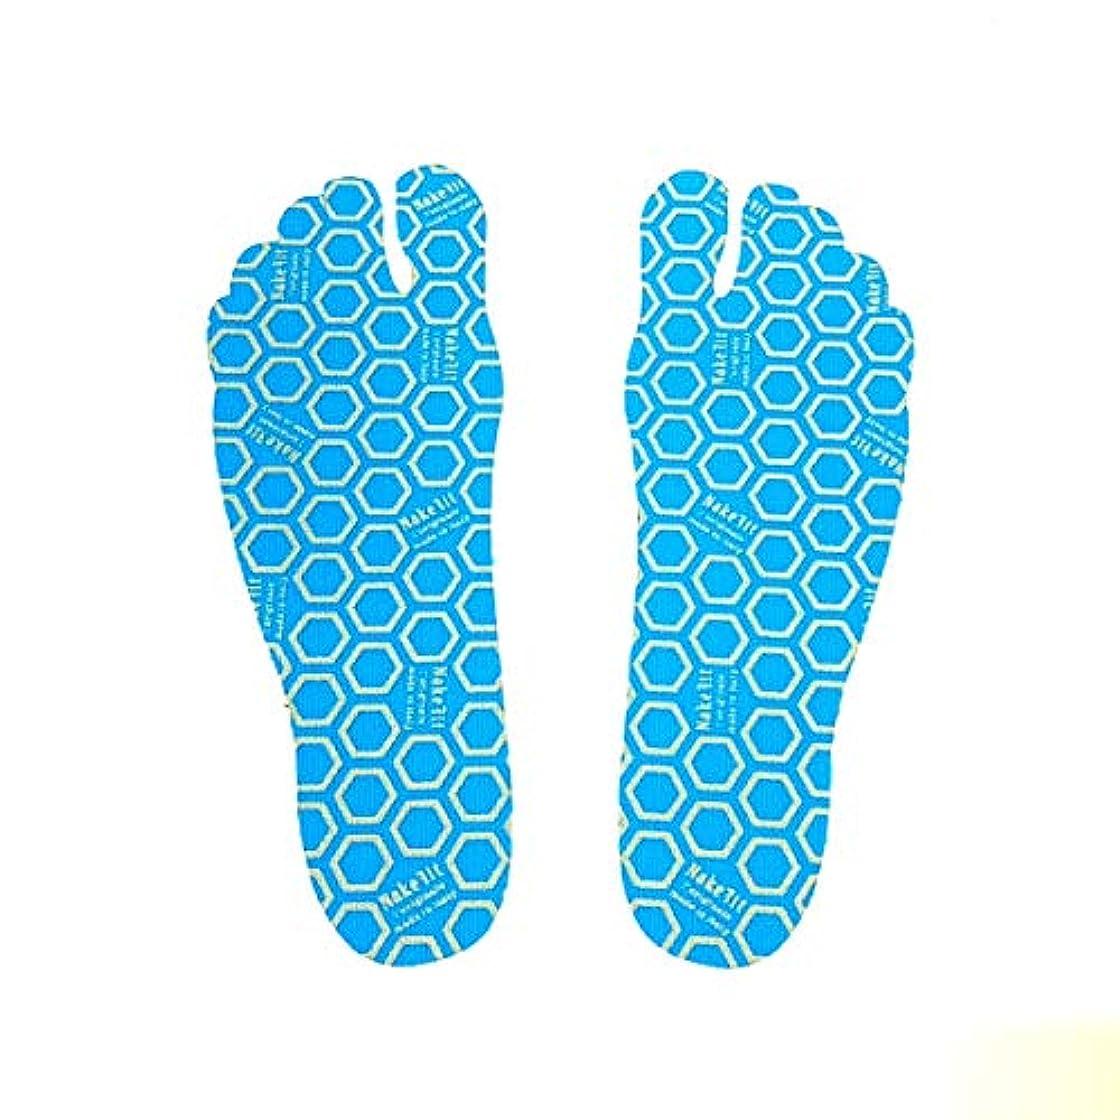 開梱強いますスリット[NAKEFIT] ネイクフィット 足裏に貼る サンダル 裸足 貼り付け シール プール ビーチ 転倒防止 1パック3ペア入り